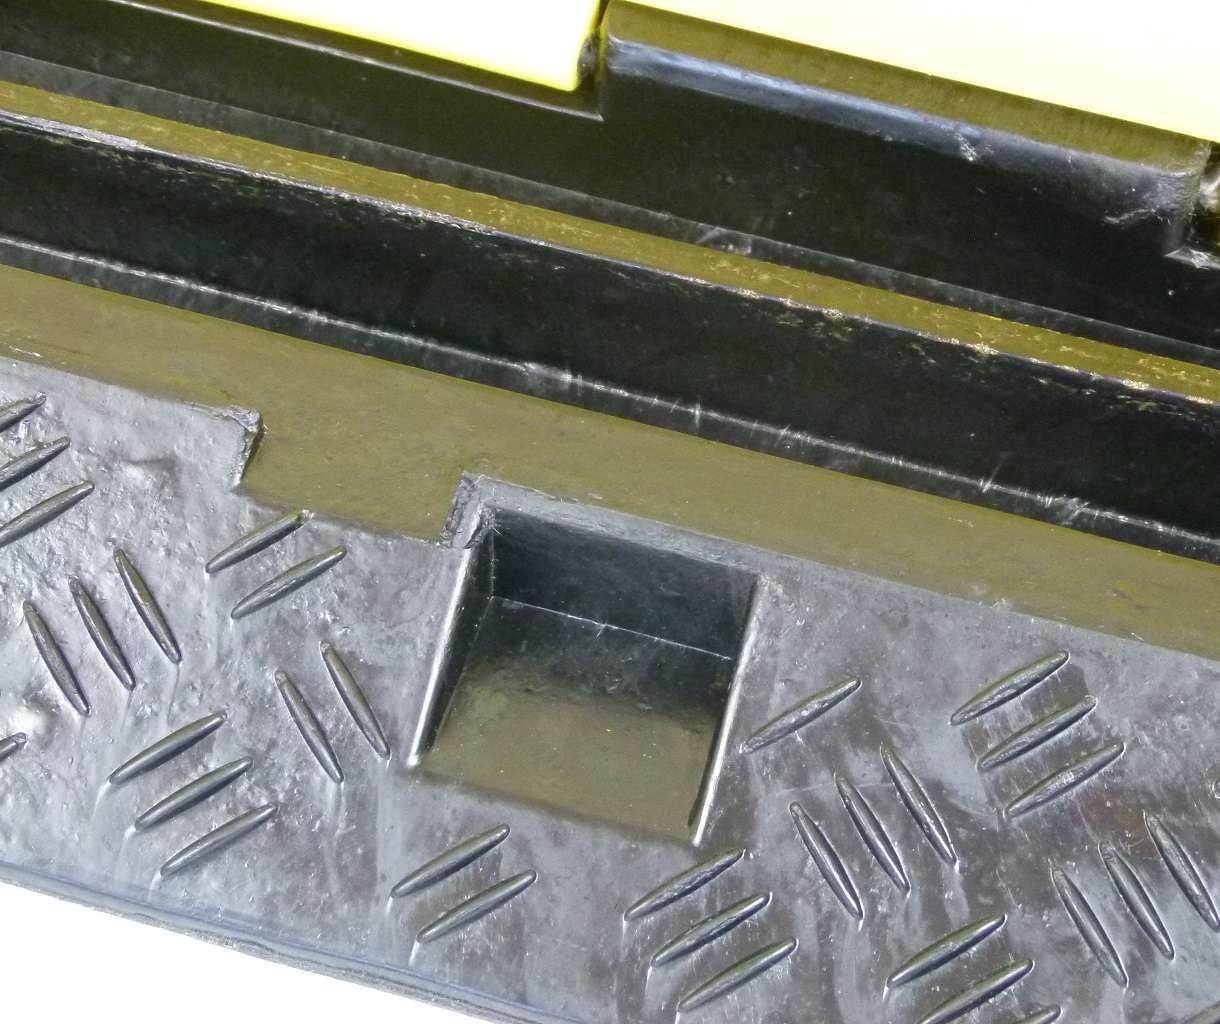 Kabel, Leitungen & Stecker 10 X 1 Kanal Pkw Lkw Überfahrschutz Eco Kabelbrücke Kabelschutz Kabelkanal Rampe Baustellengeräte & -ausrüstung